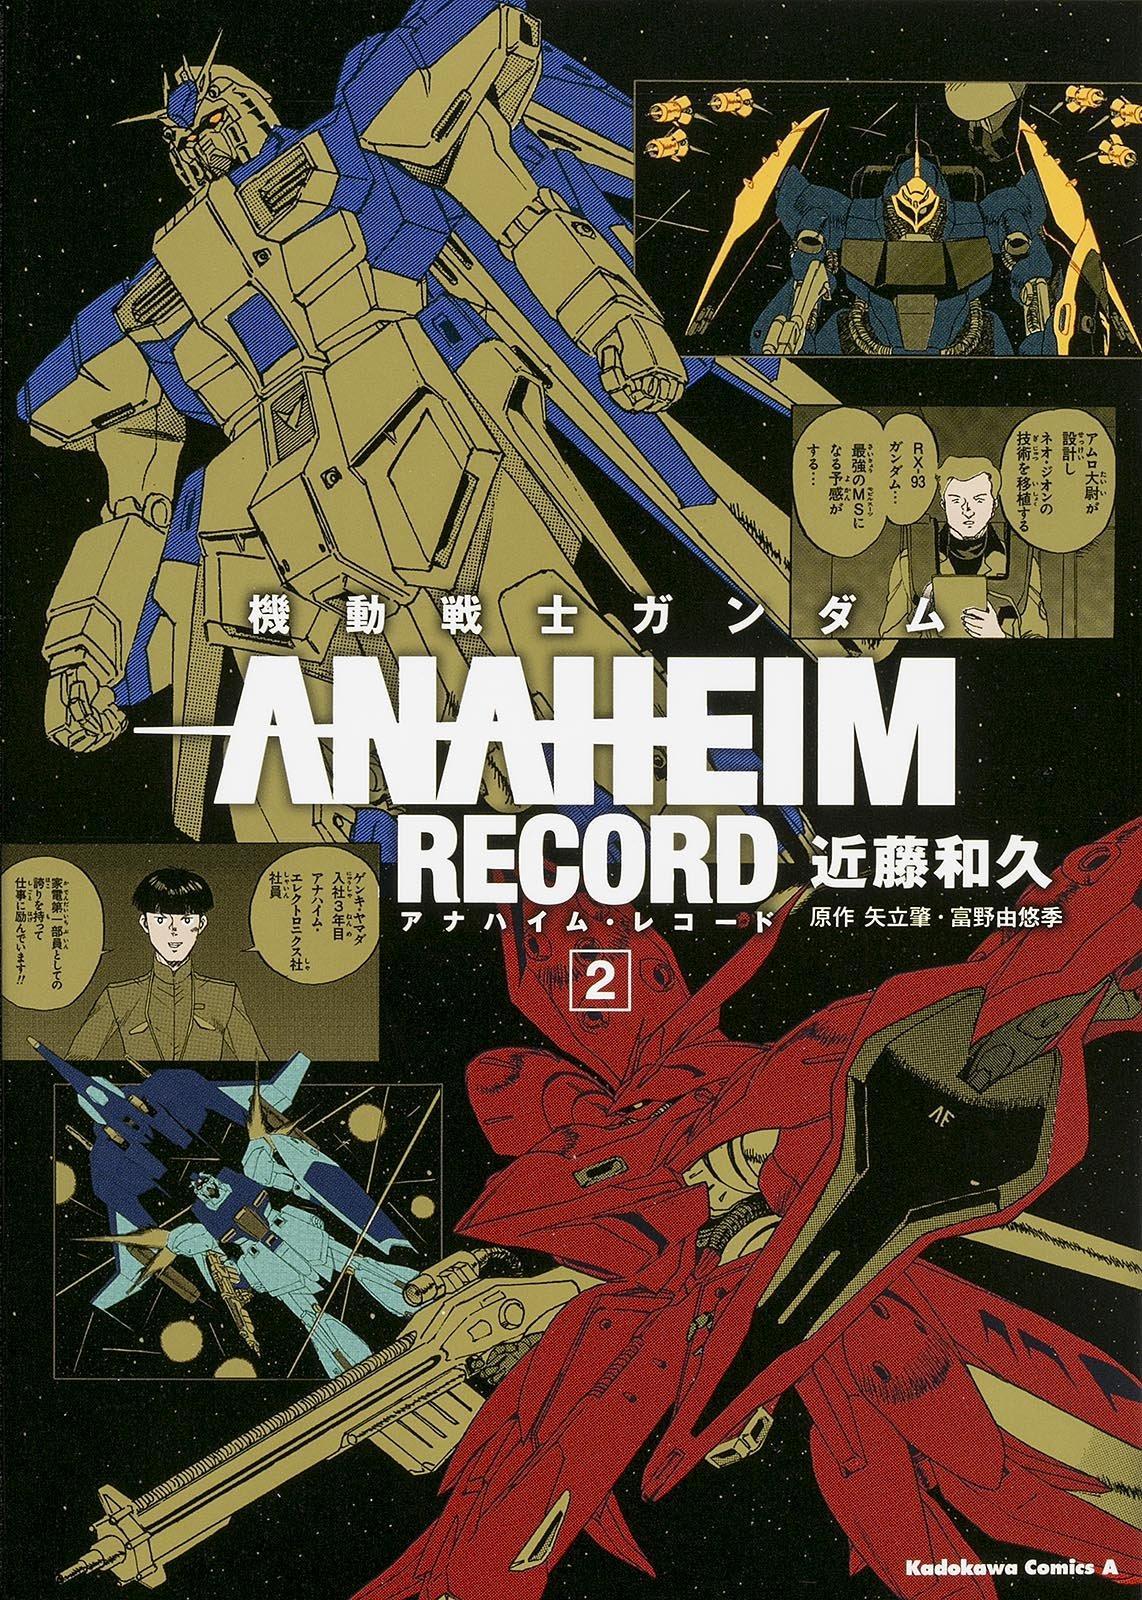 機動戦士ガンダム ANAHEIM RECORD (2) 表紙